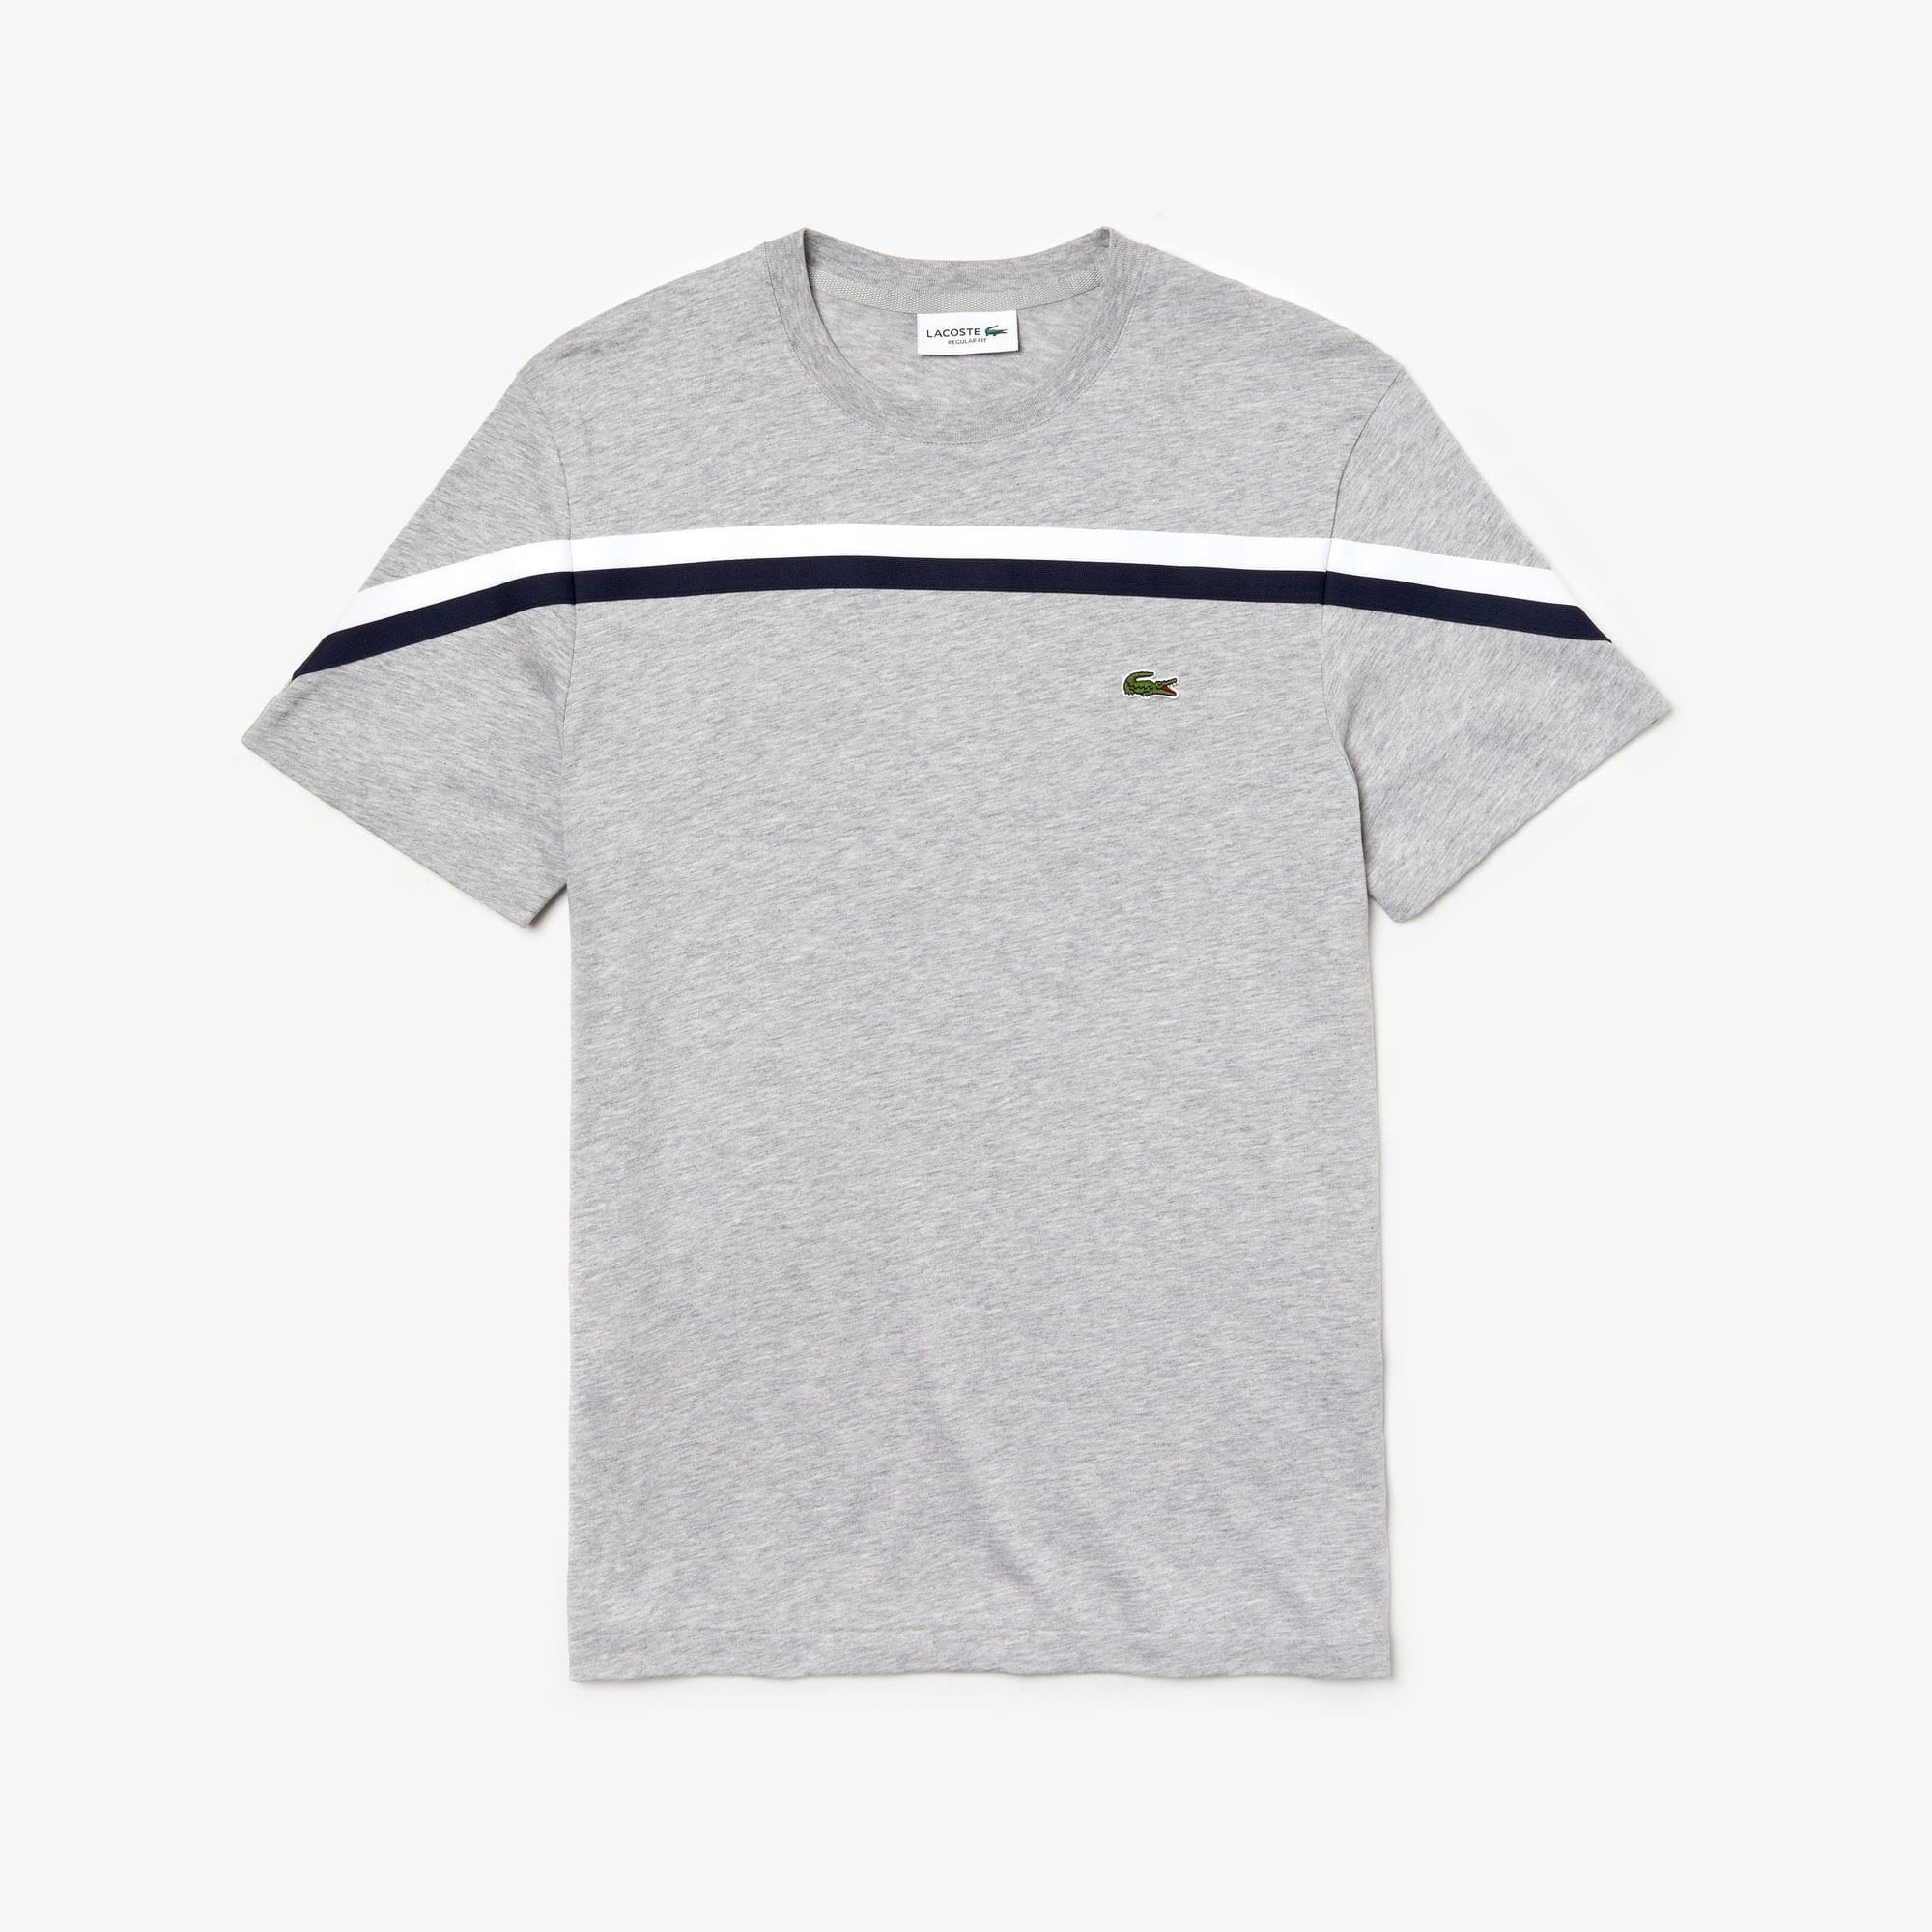 라코스테 크루넥 코튼 티셔츠 Lacoste Mens Crew Neck Cotton T-shirt,Grey Chine